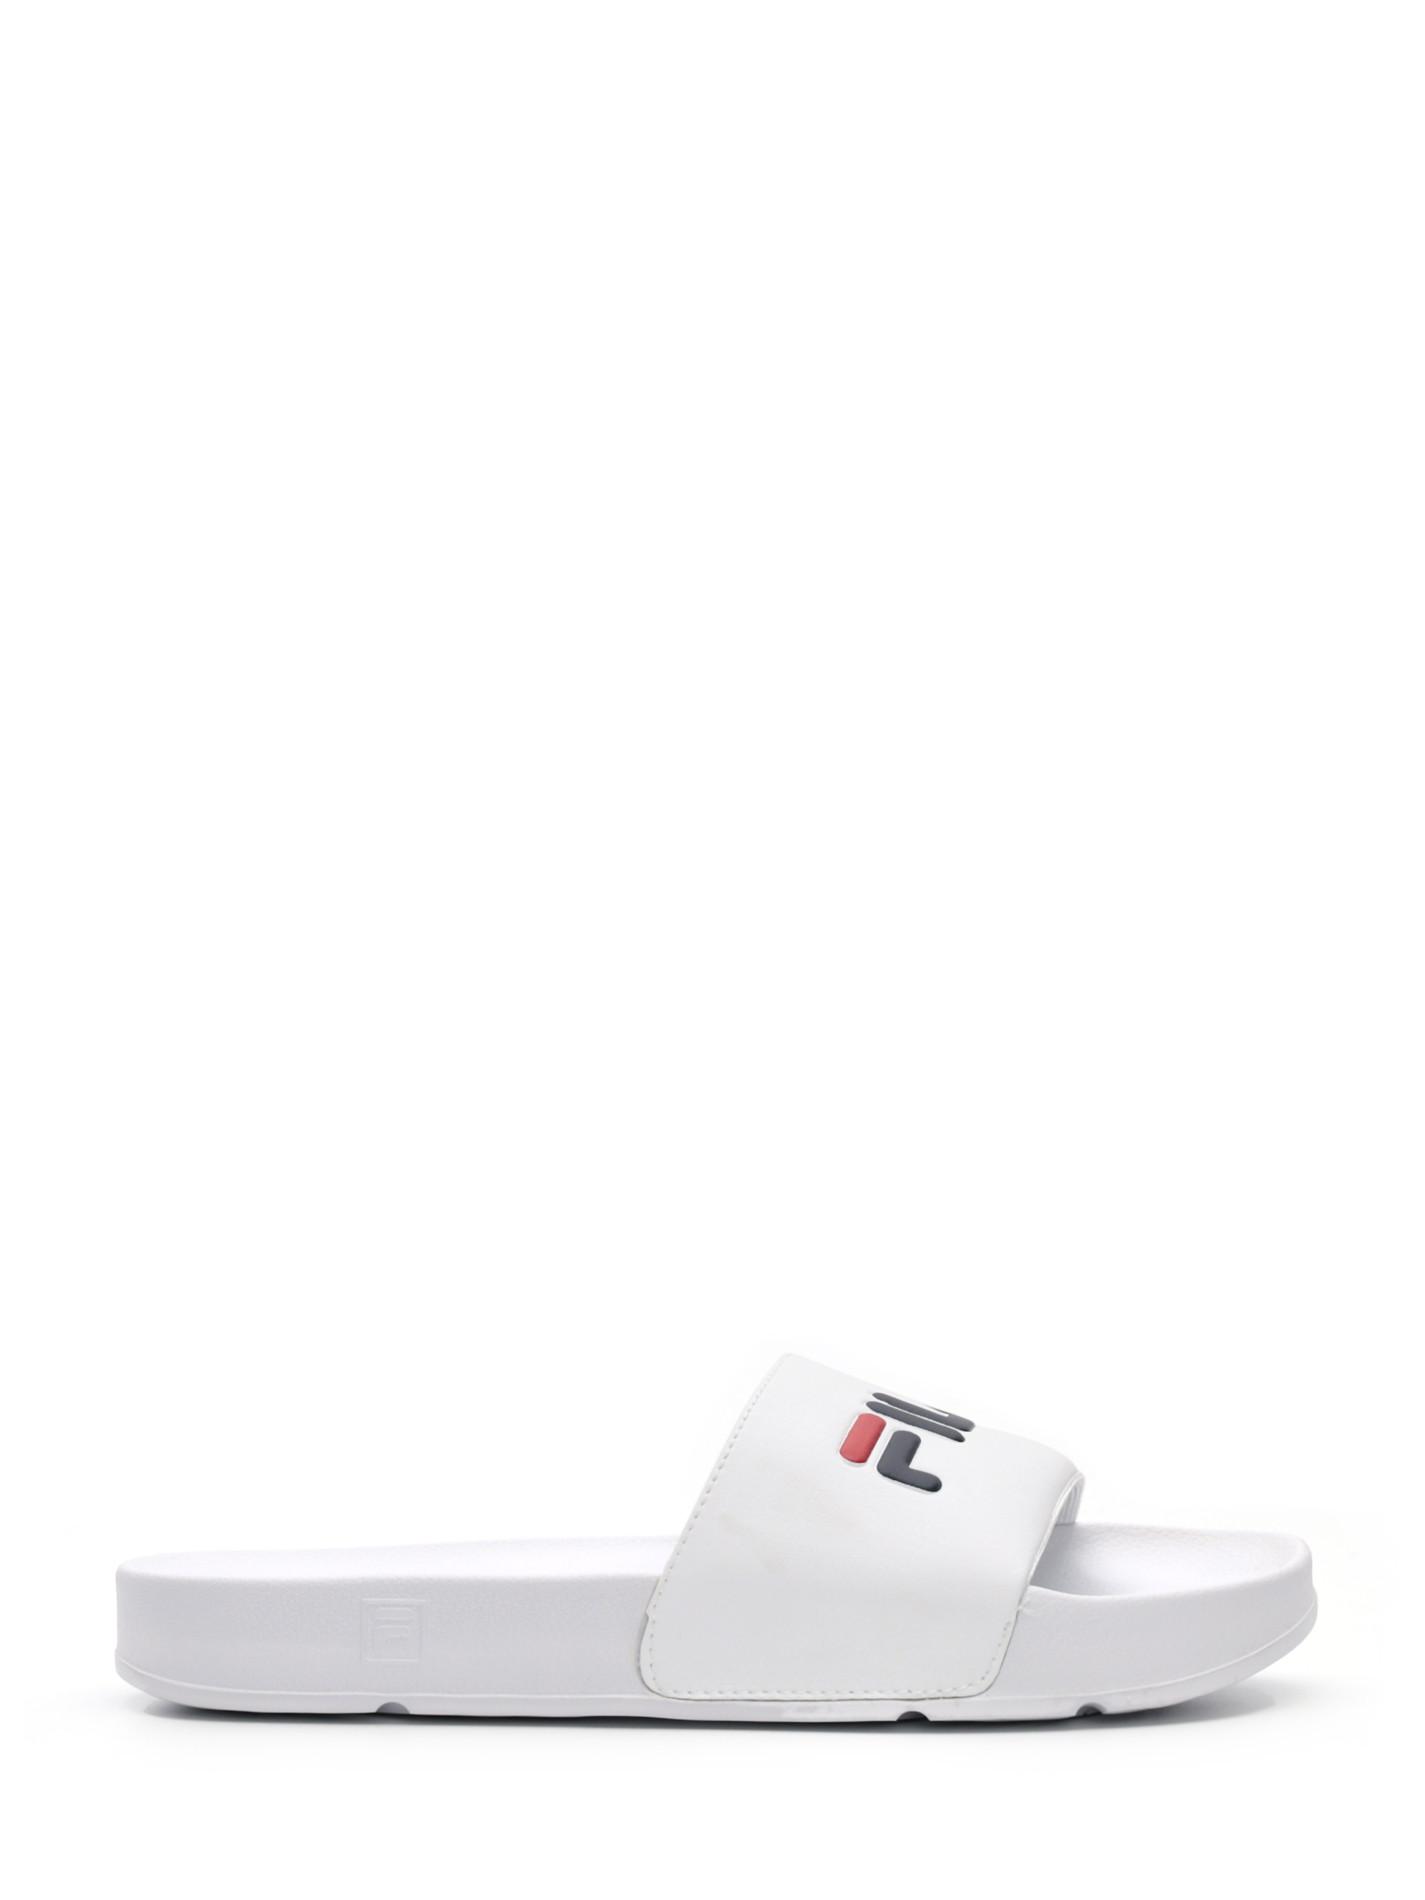 Drifter slide - White